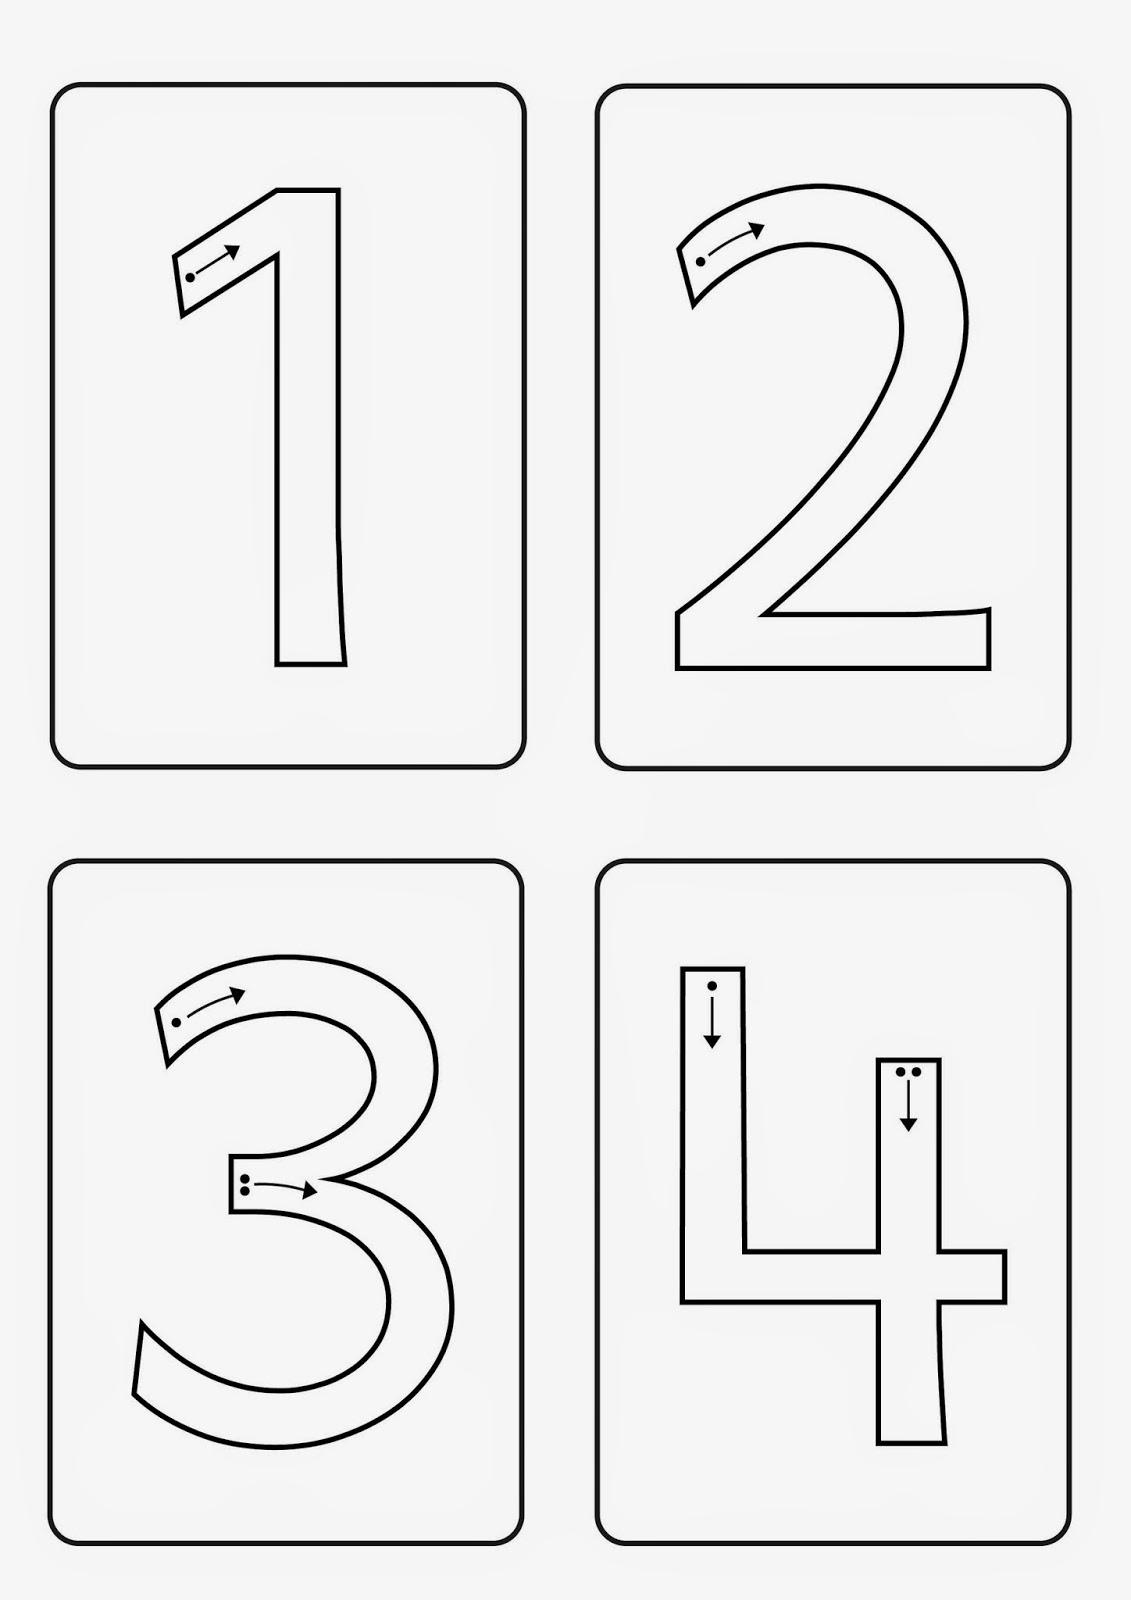 Lernstübchen: die Ziffern von 0 bis 9